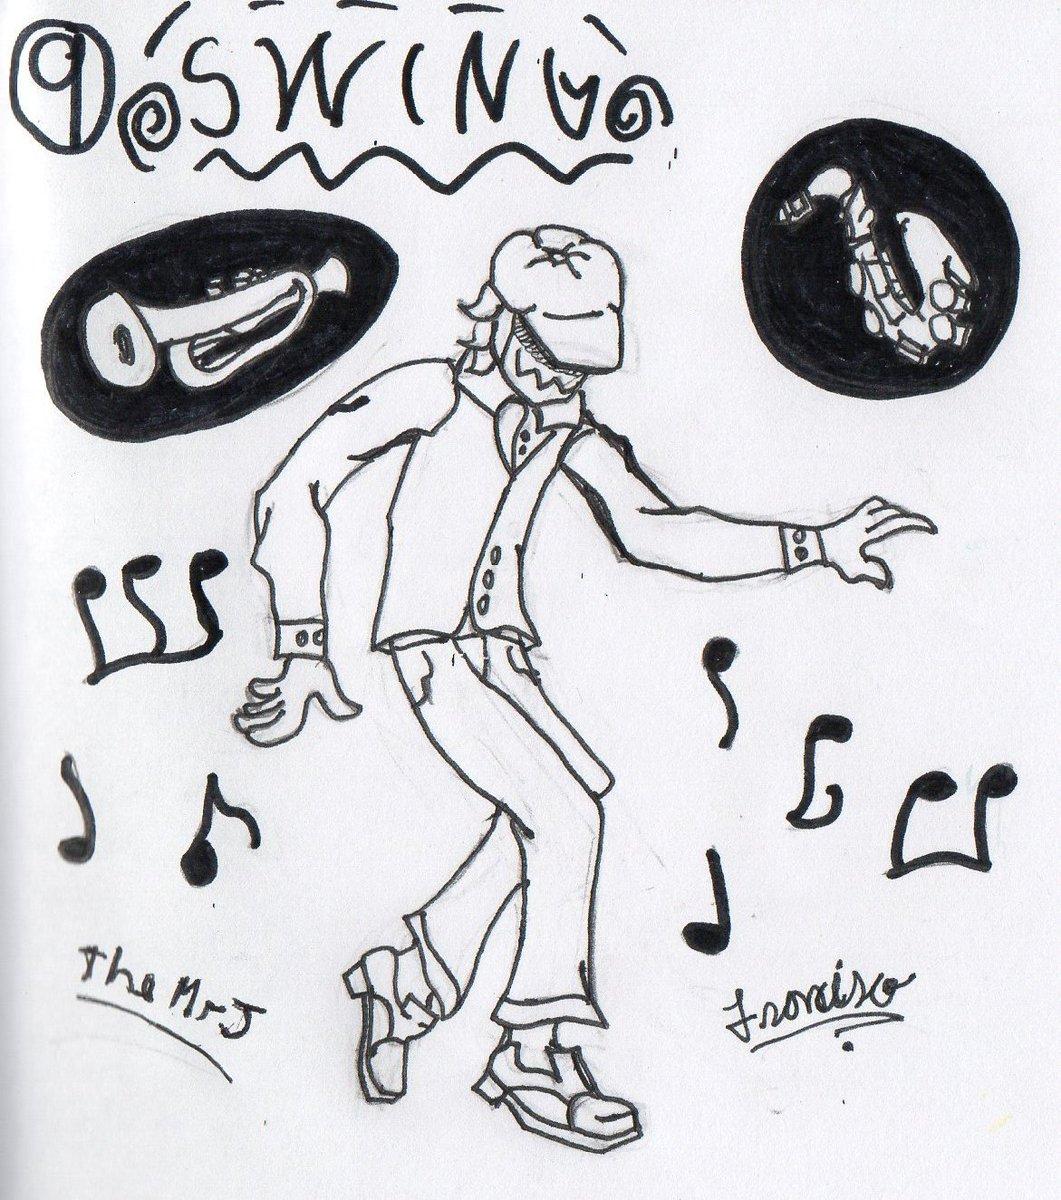 """Estaba pensando en que hacer relacionado con un columpio y no se me ocurría nada hasta que vi que la palabra era también un estilo de música y PUM! Una idea.Practicar poses con imágenes de bailes, que gusto fue.Es un...""""""""avatar""""""""#inktober  #Inktober2019 #inktoberday9 #Swing"""